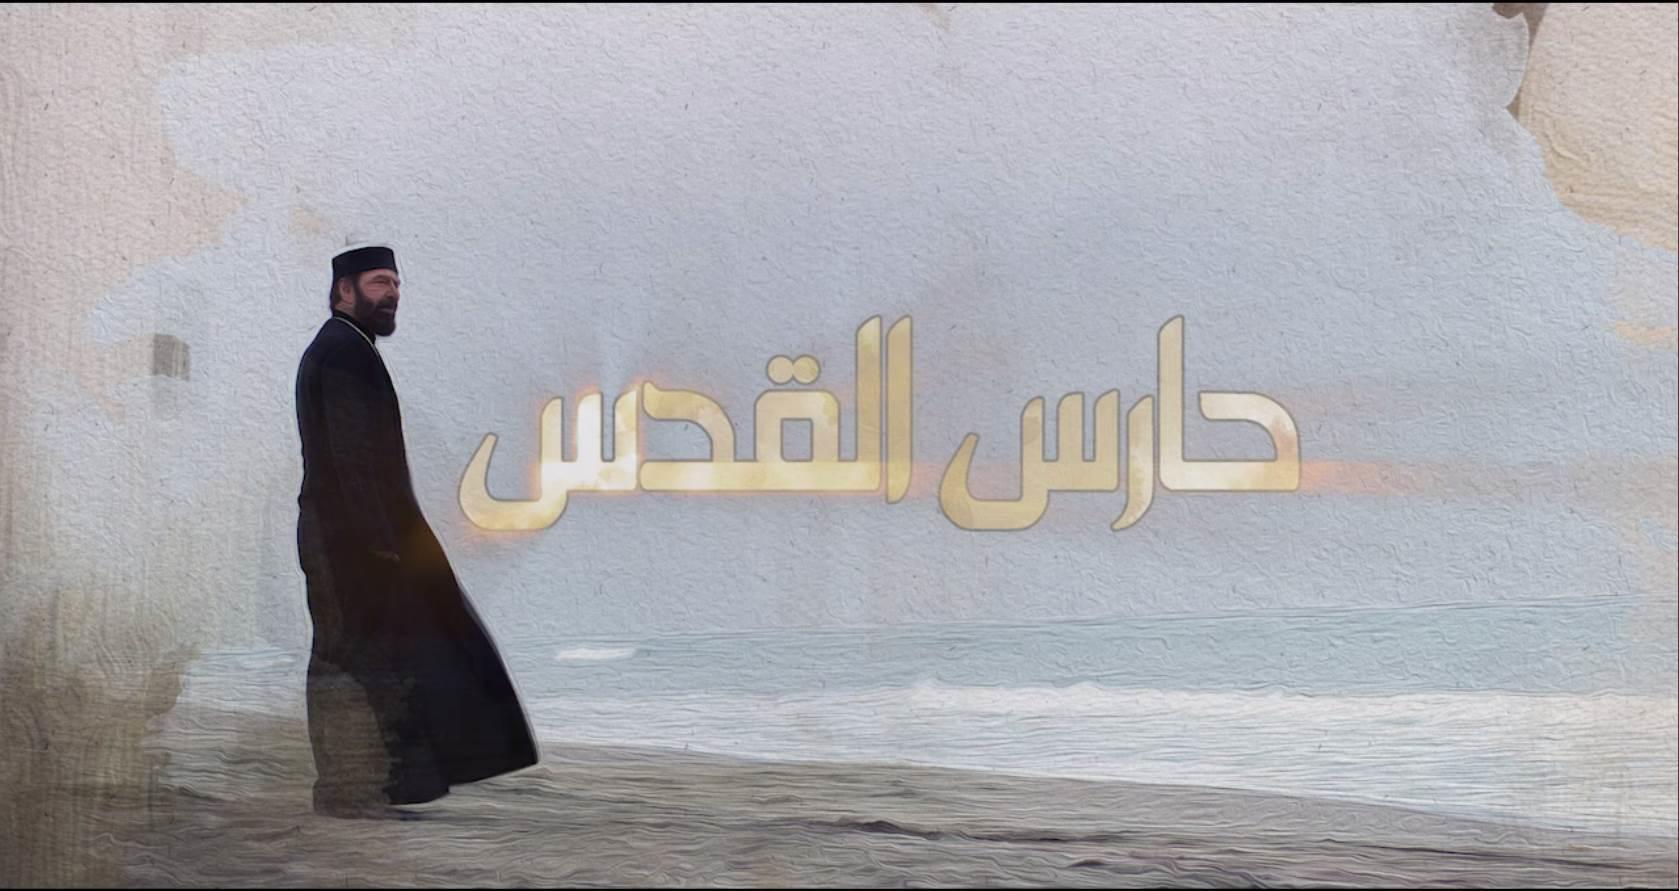 حارس القدس: أفضل مسلسل في رمضان 2020 وفق إستفتاء مصري